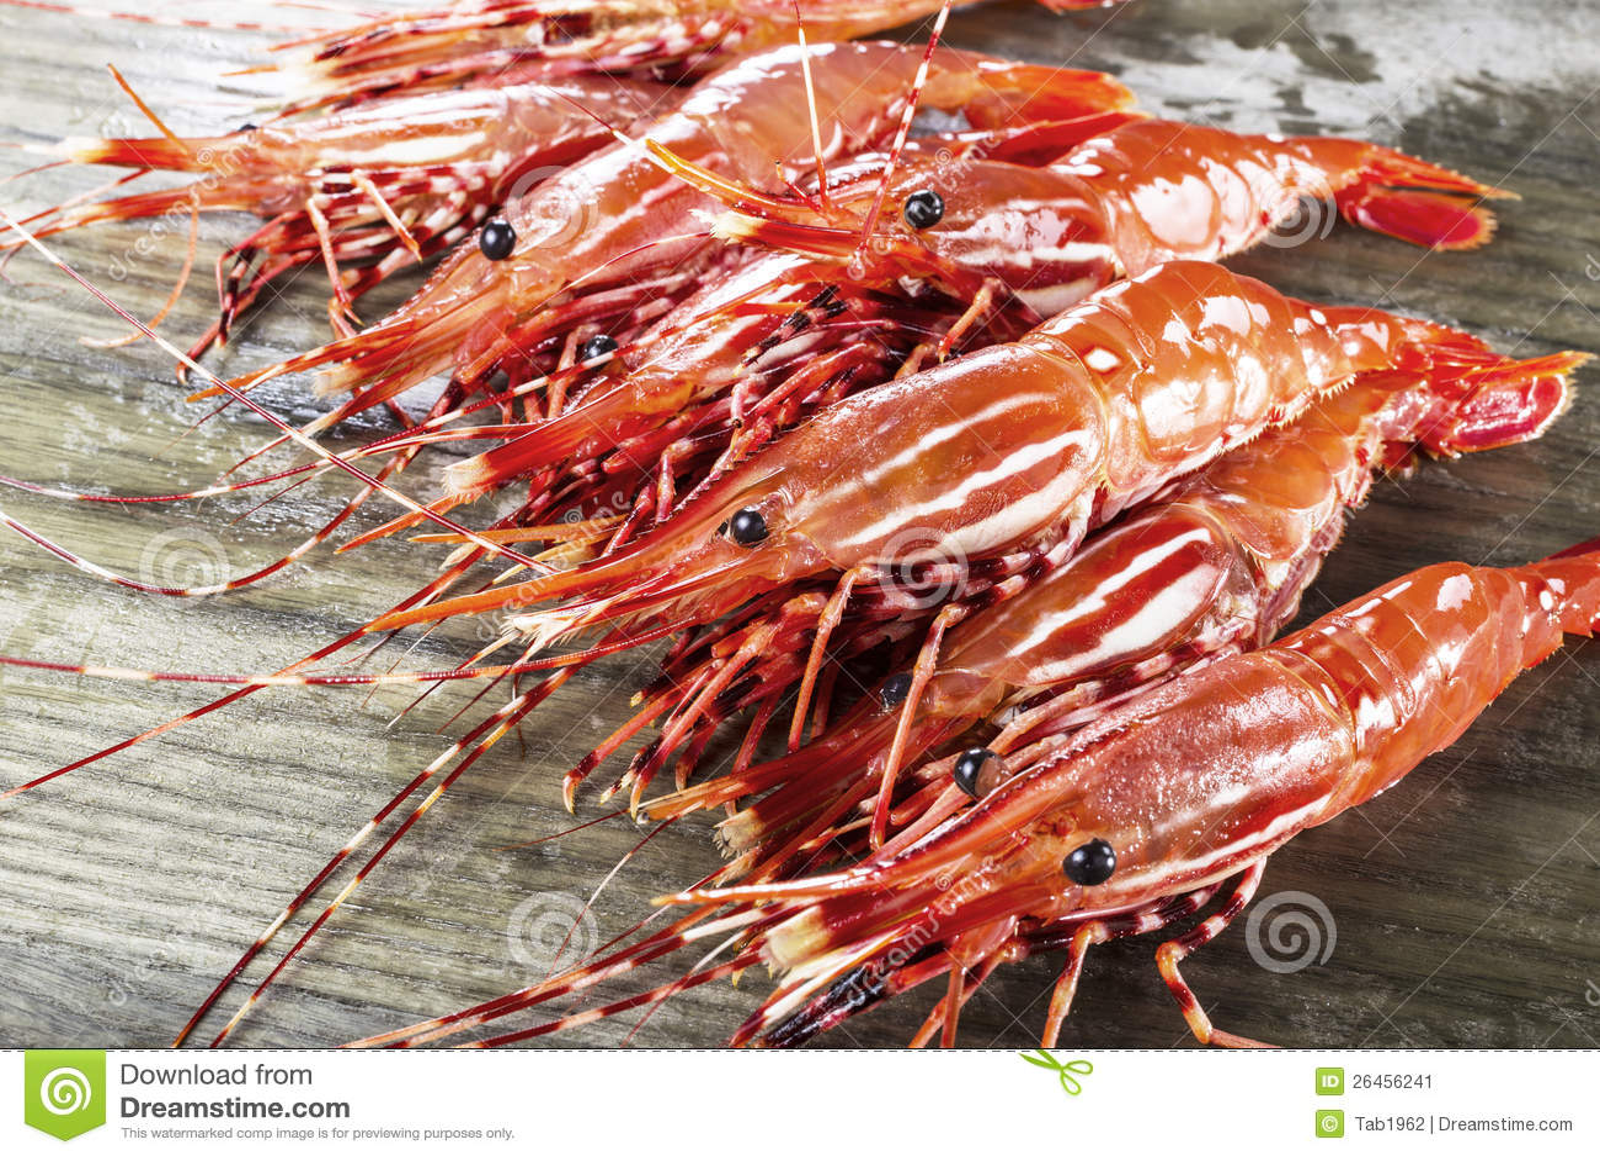 Stapel van levende garnalen bij de visserij van dok stock afbeelding